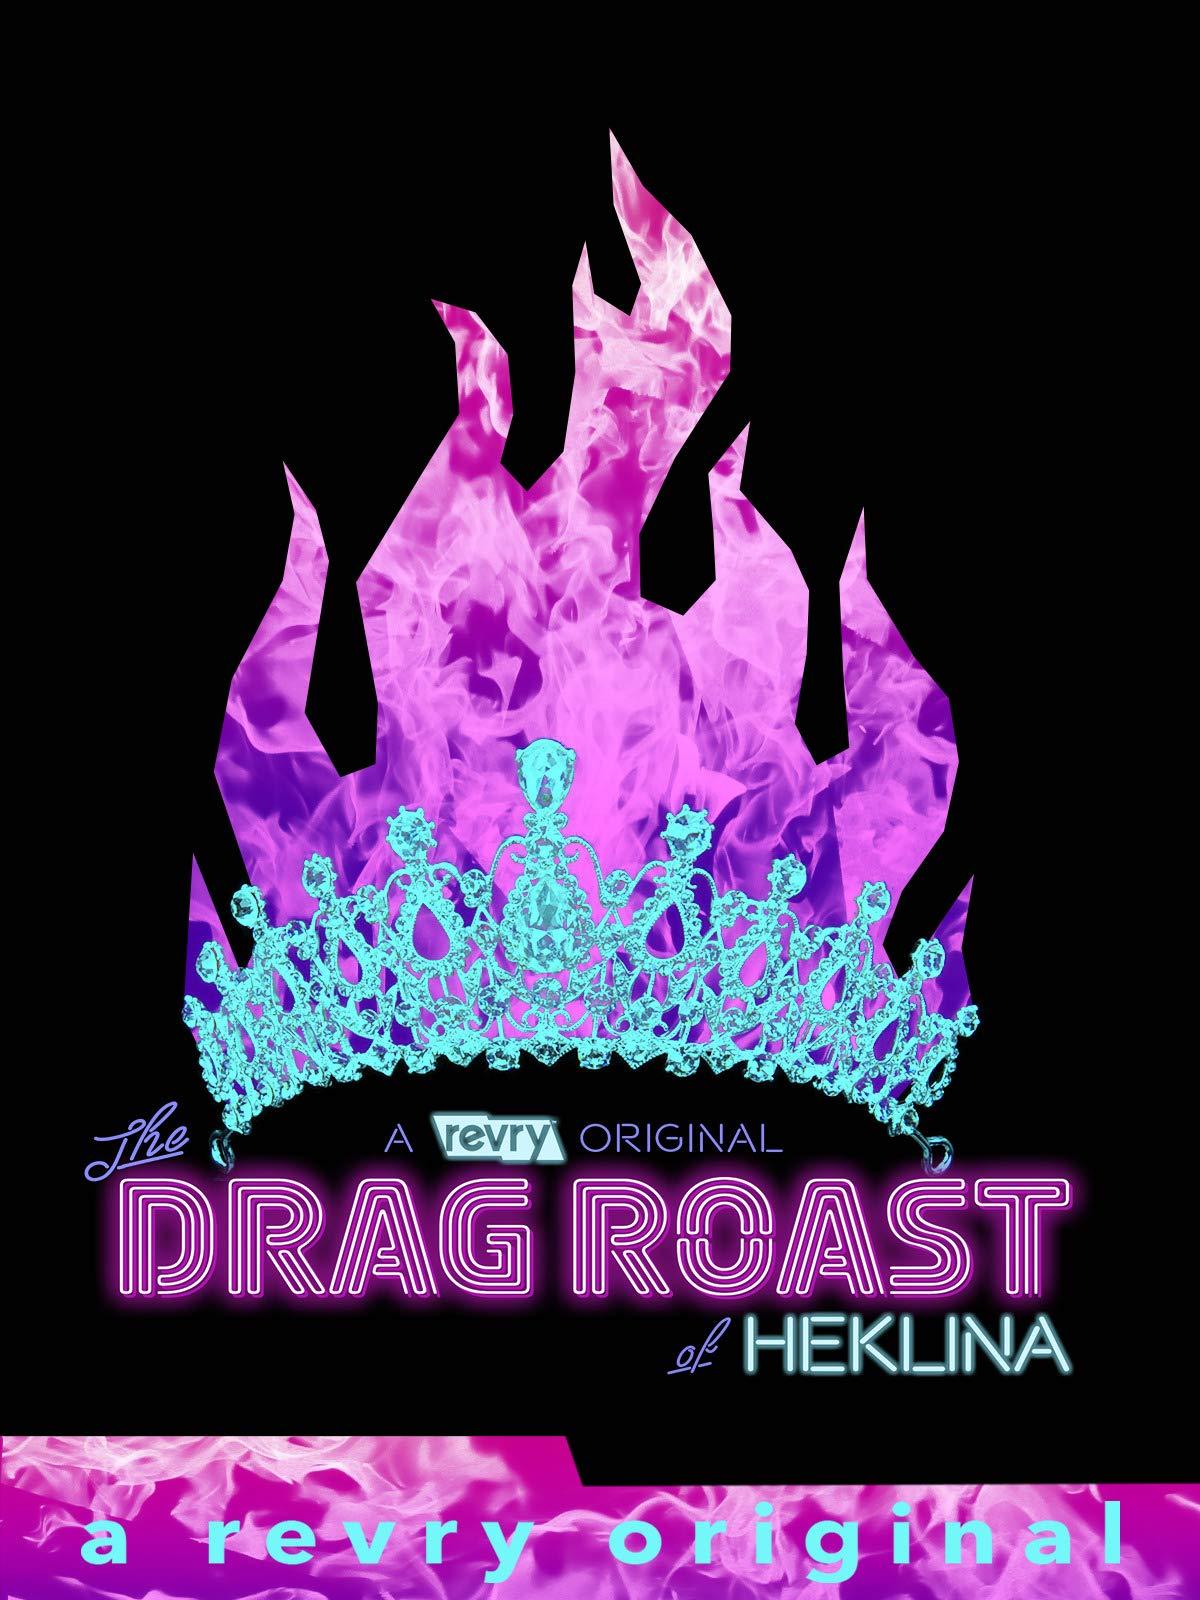 Drag Roast of Heklina